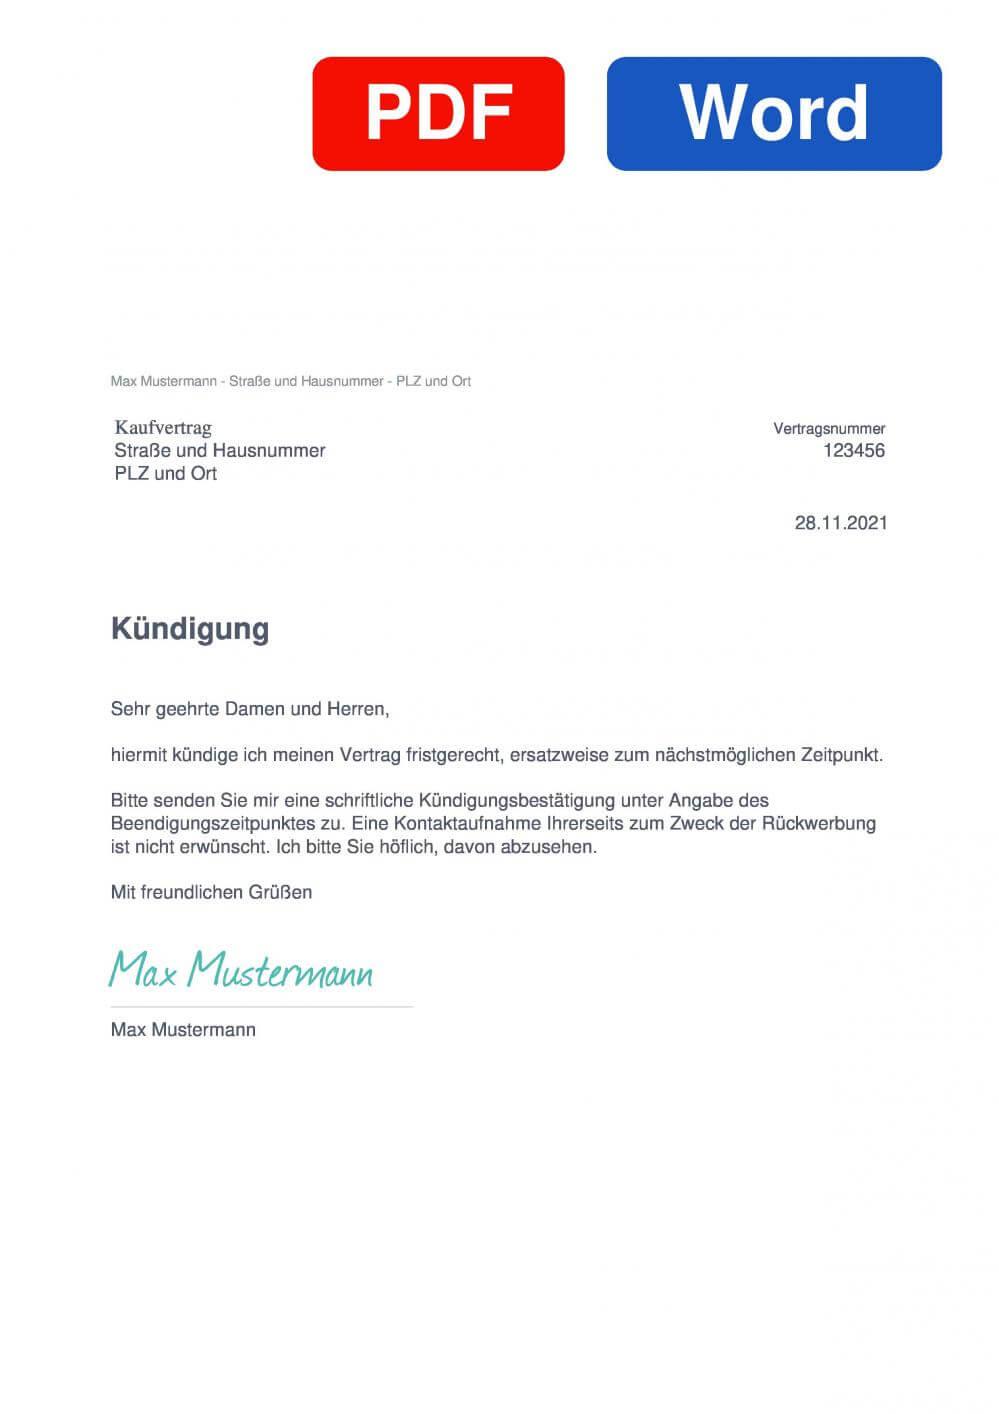 Kaufvertrag Muster Vorlage für Kündigungsschreiben